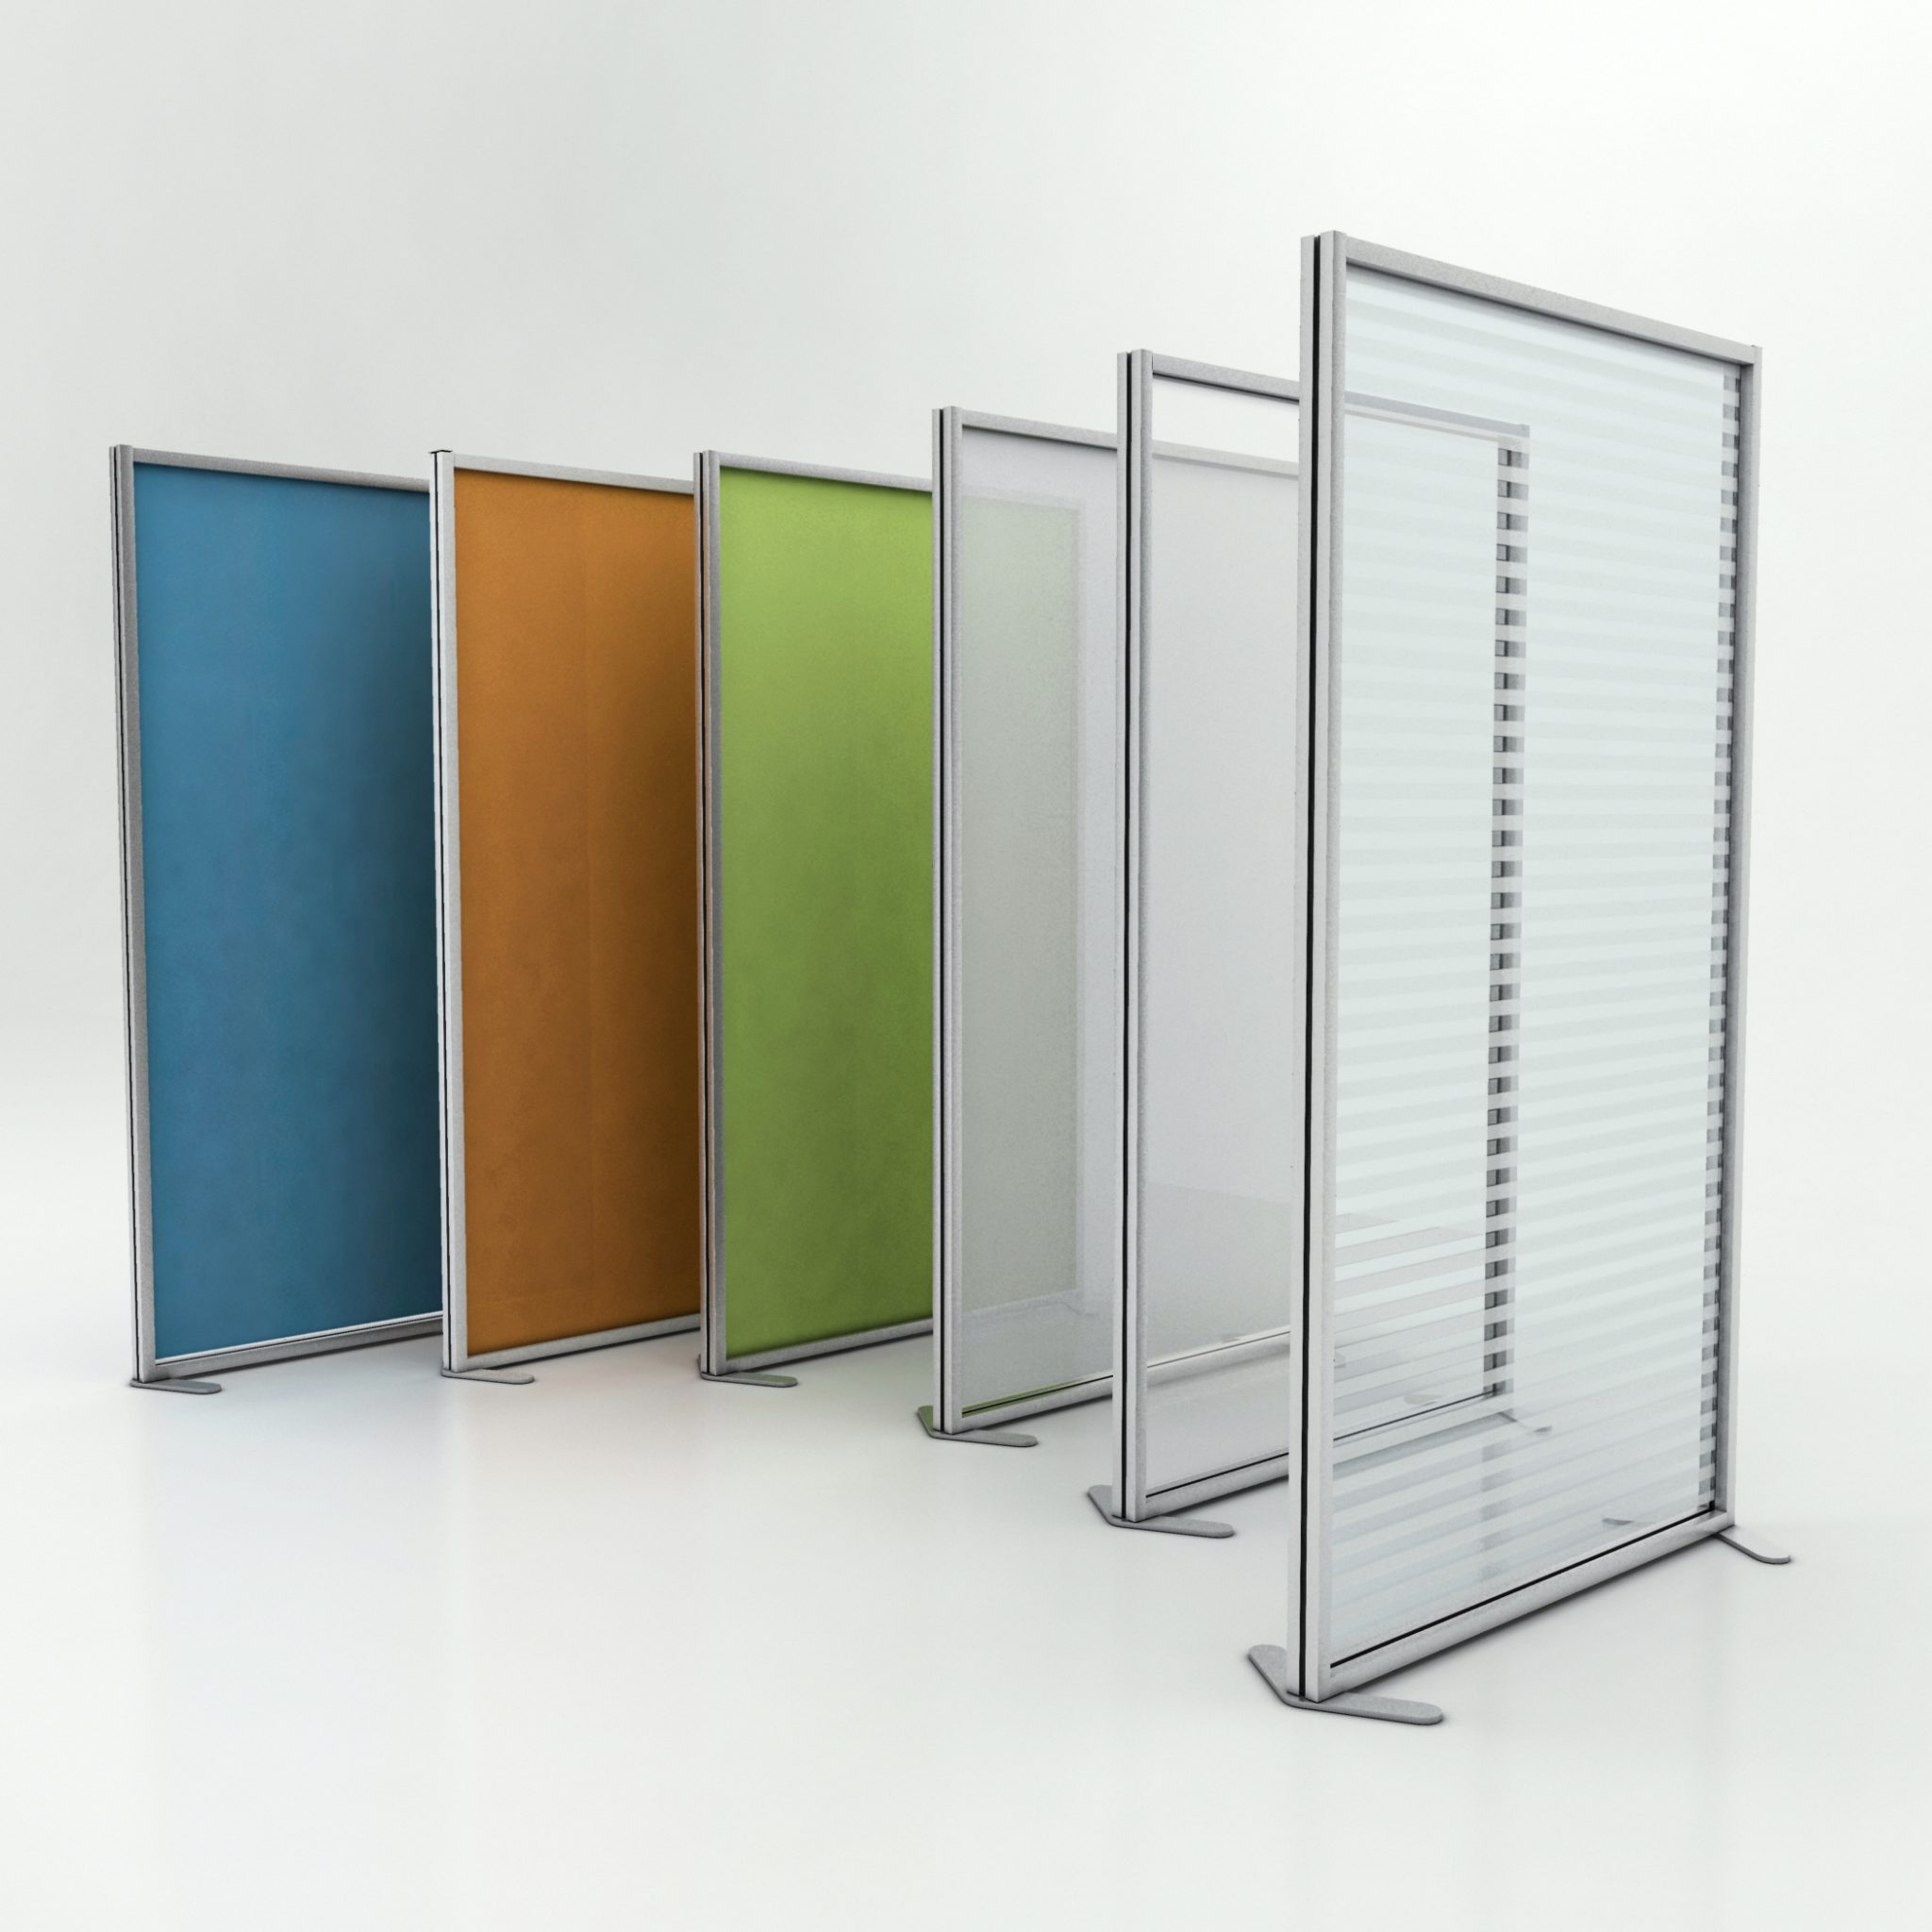 pannelli divisori ufficio inuno semplici e in 6 colori